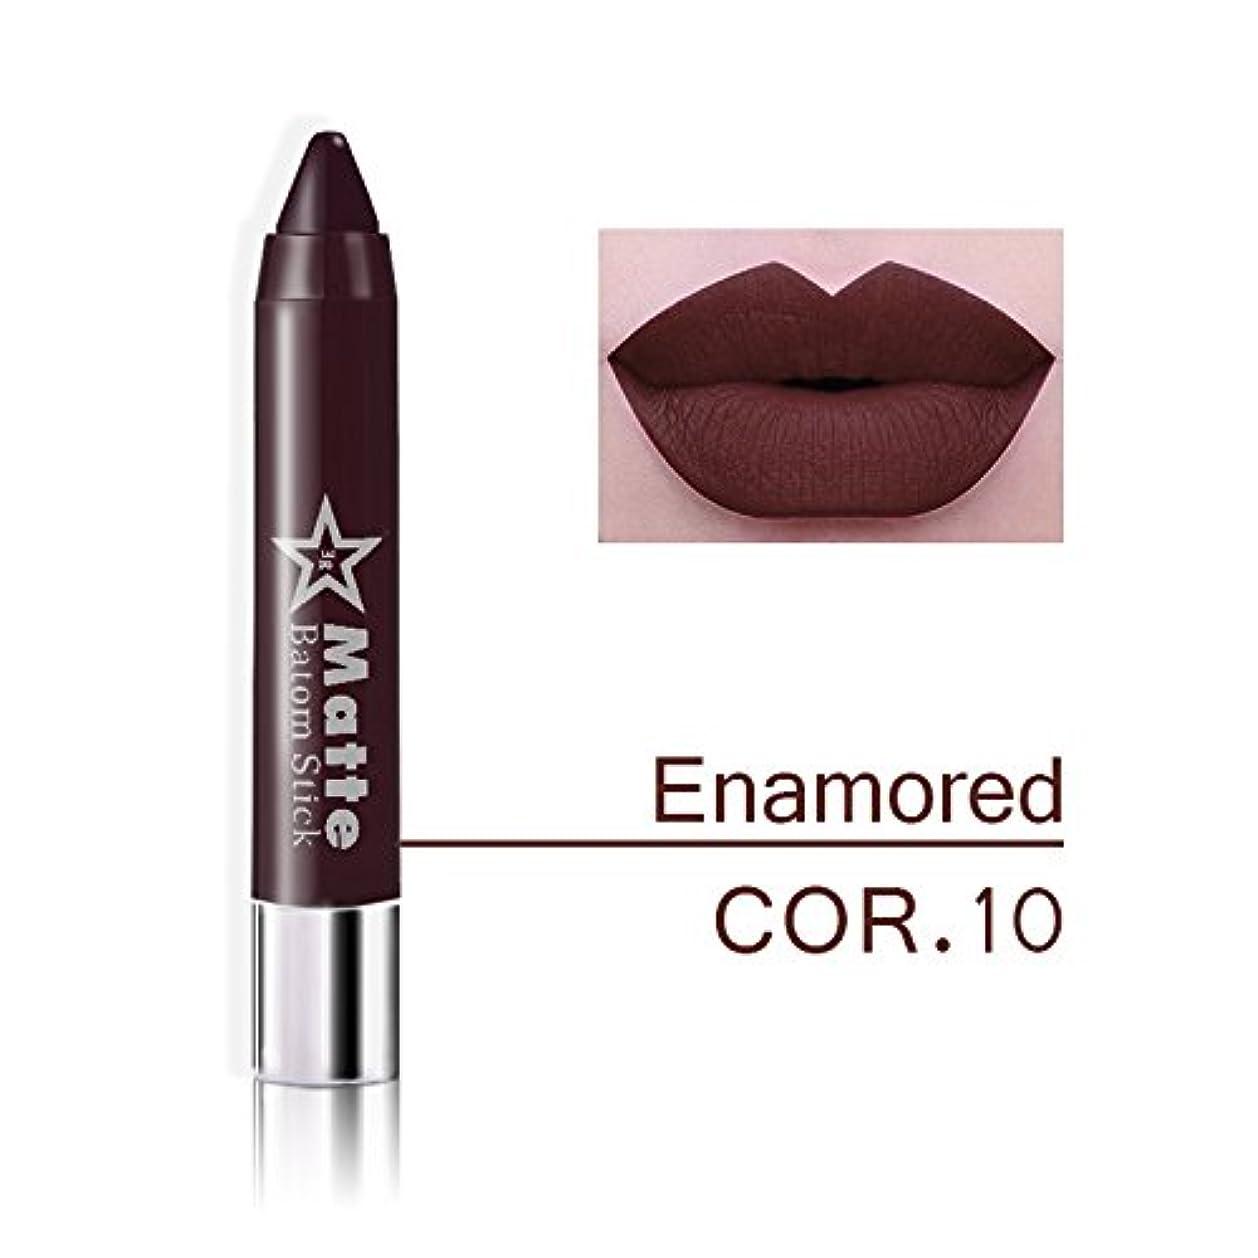 同一性簡略化するからに変化するMiss Rose Brand lips Matte Moisturizing Lipstick Makeup Lipsticks Waterproof matte Lip gloss Mate Lipsticks Make up